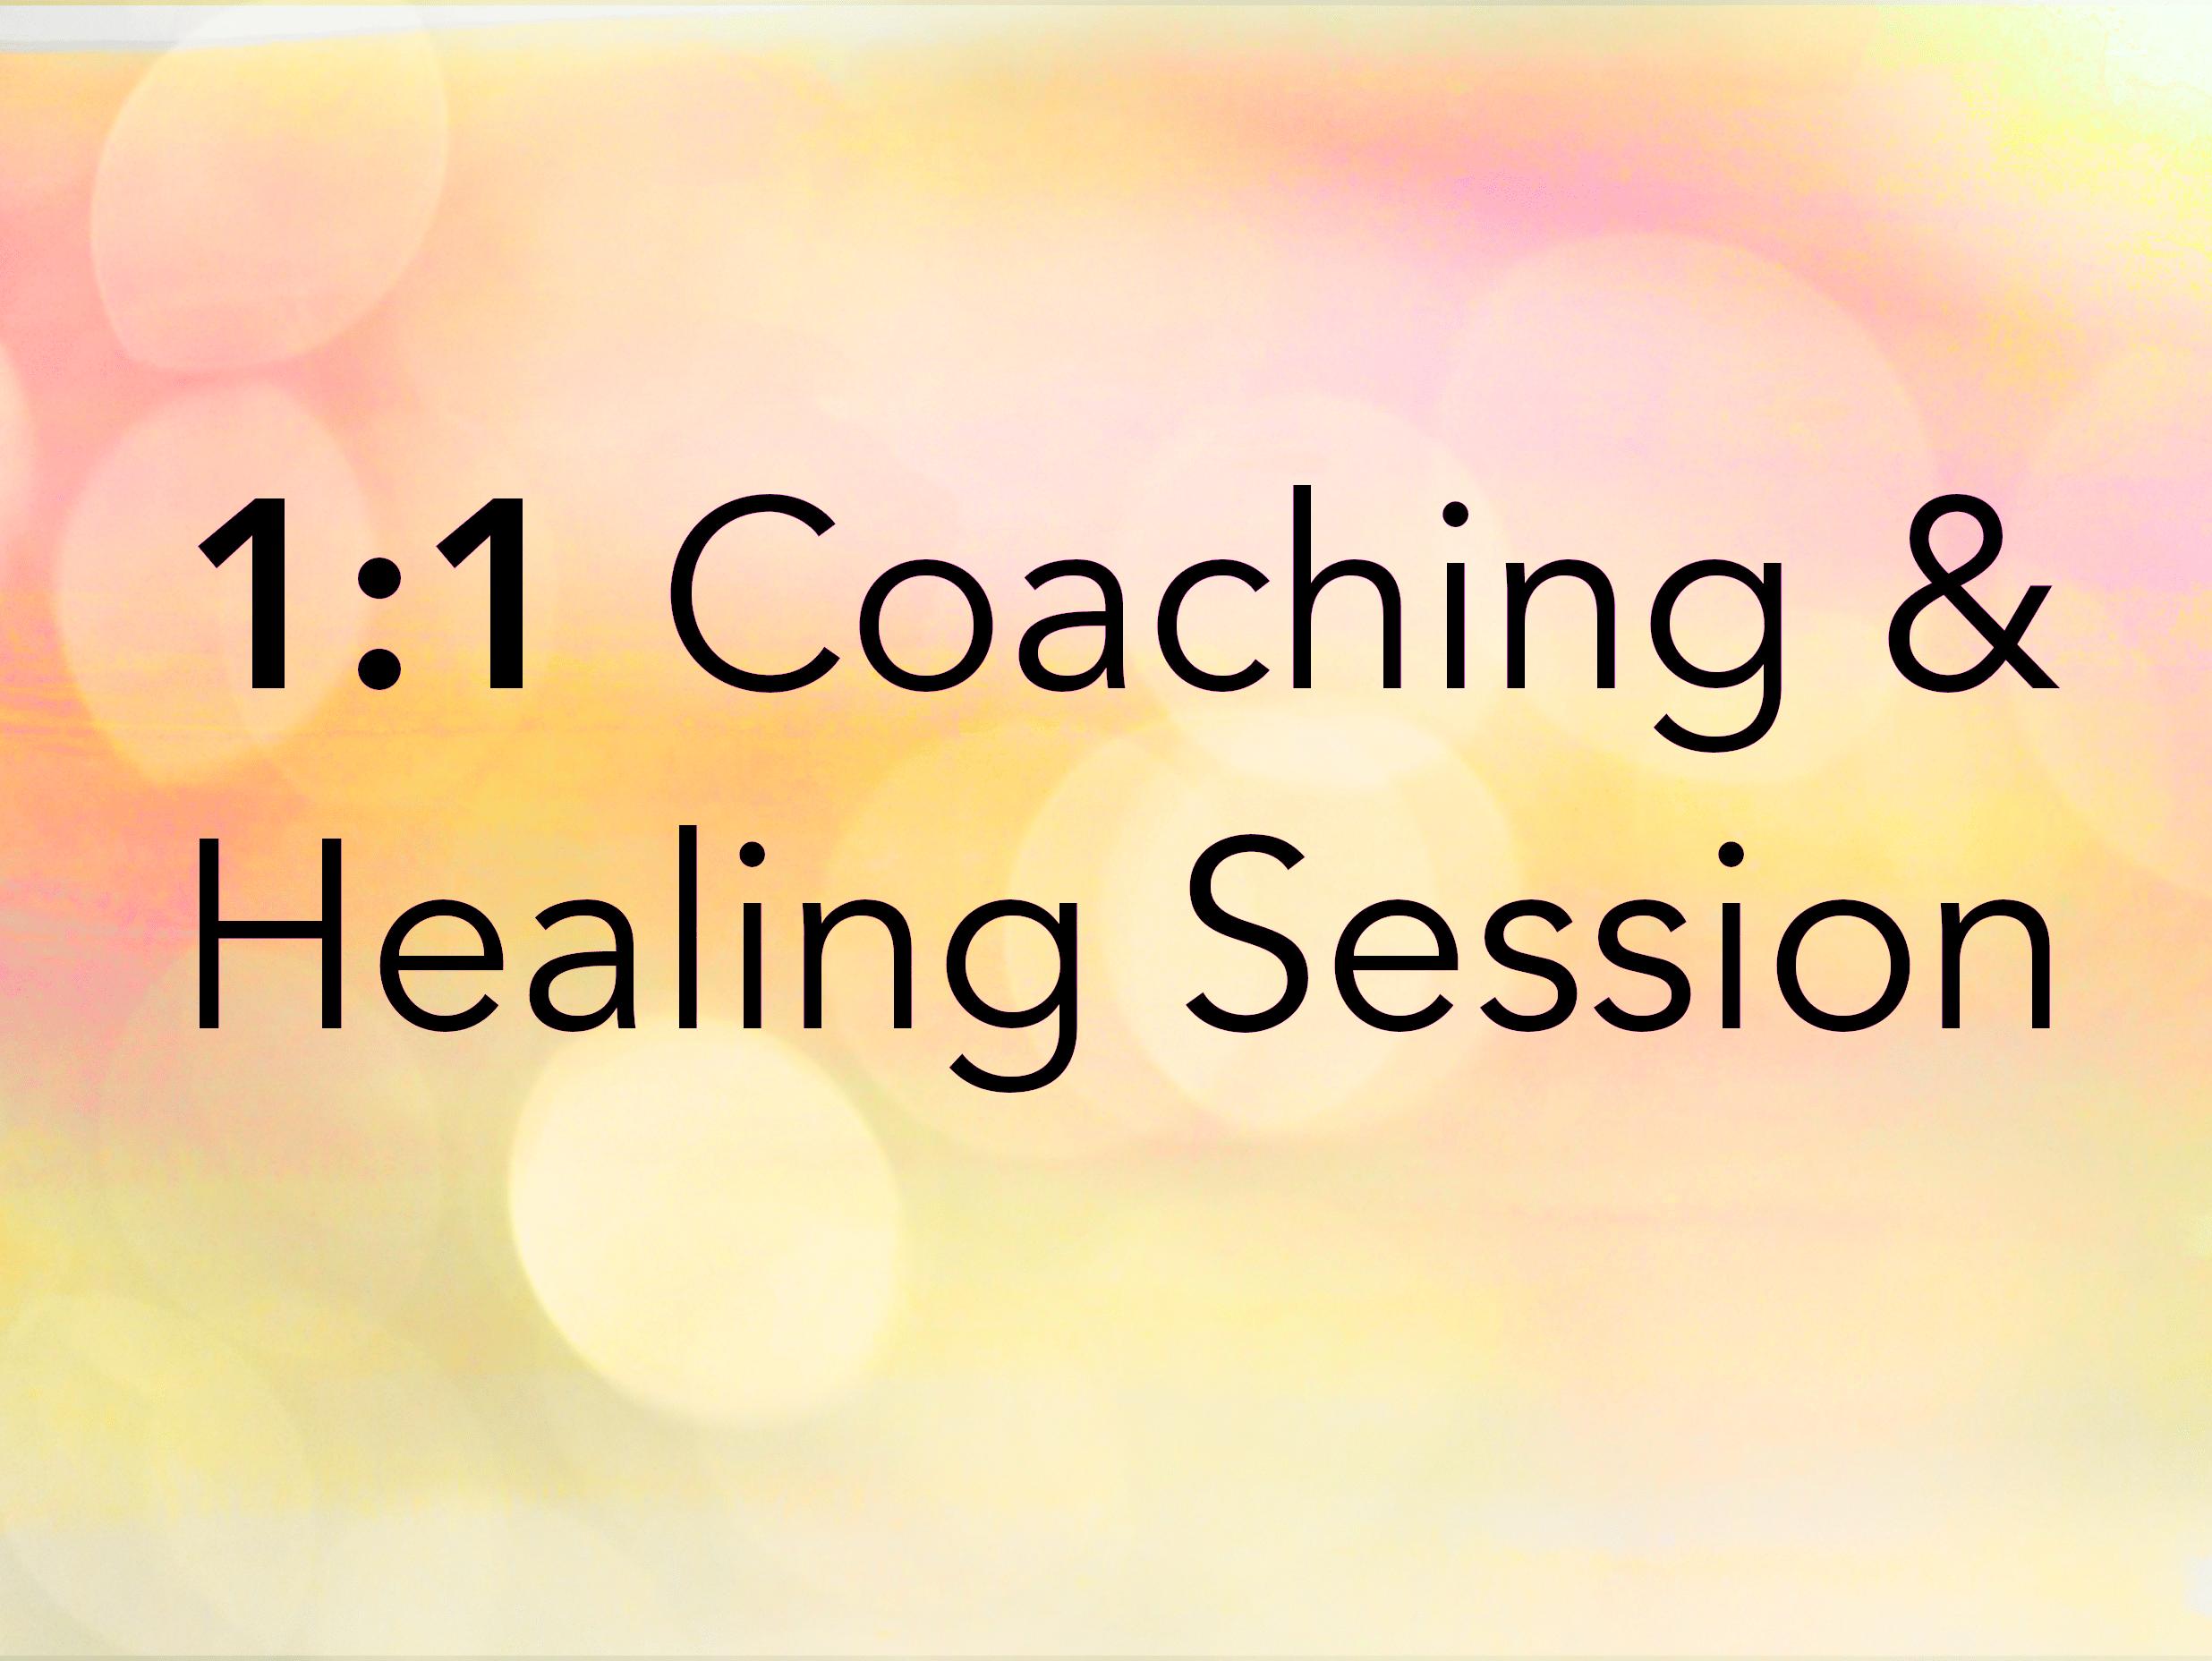 Coaching & Healing Session